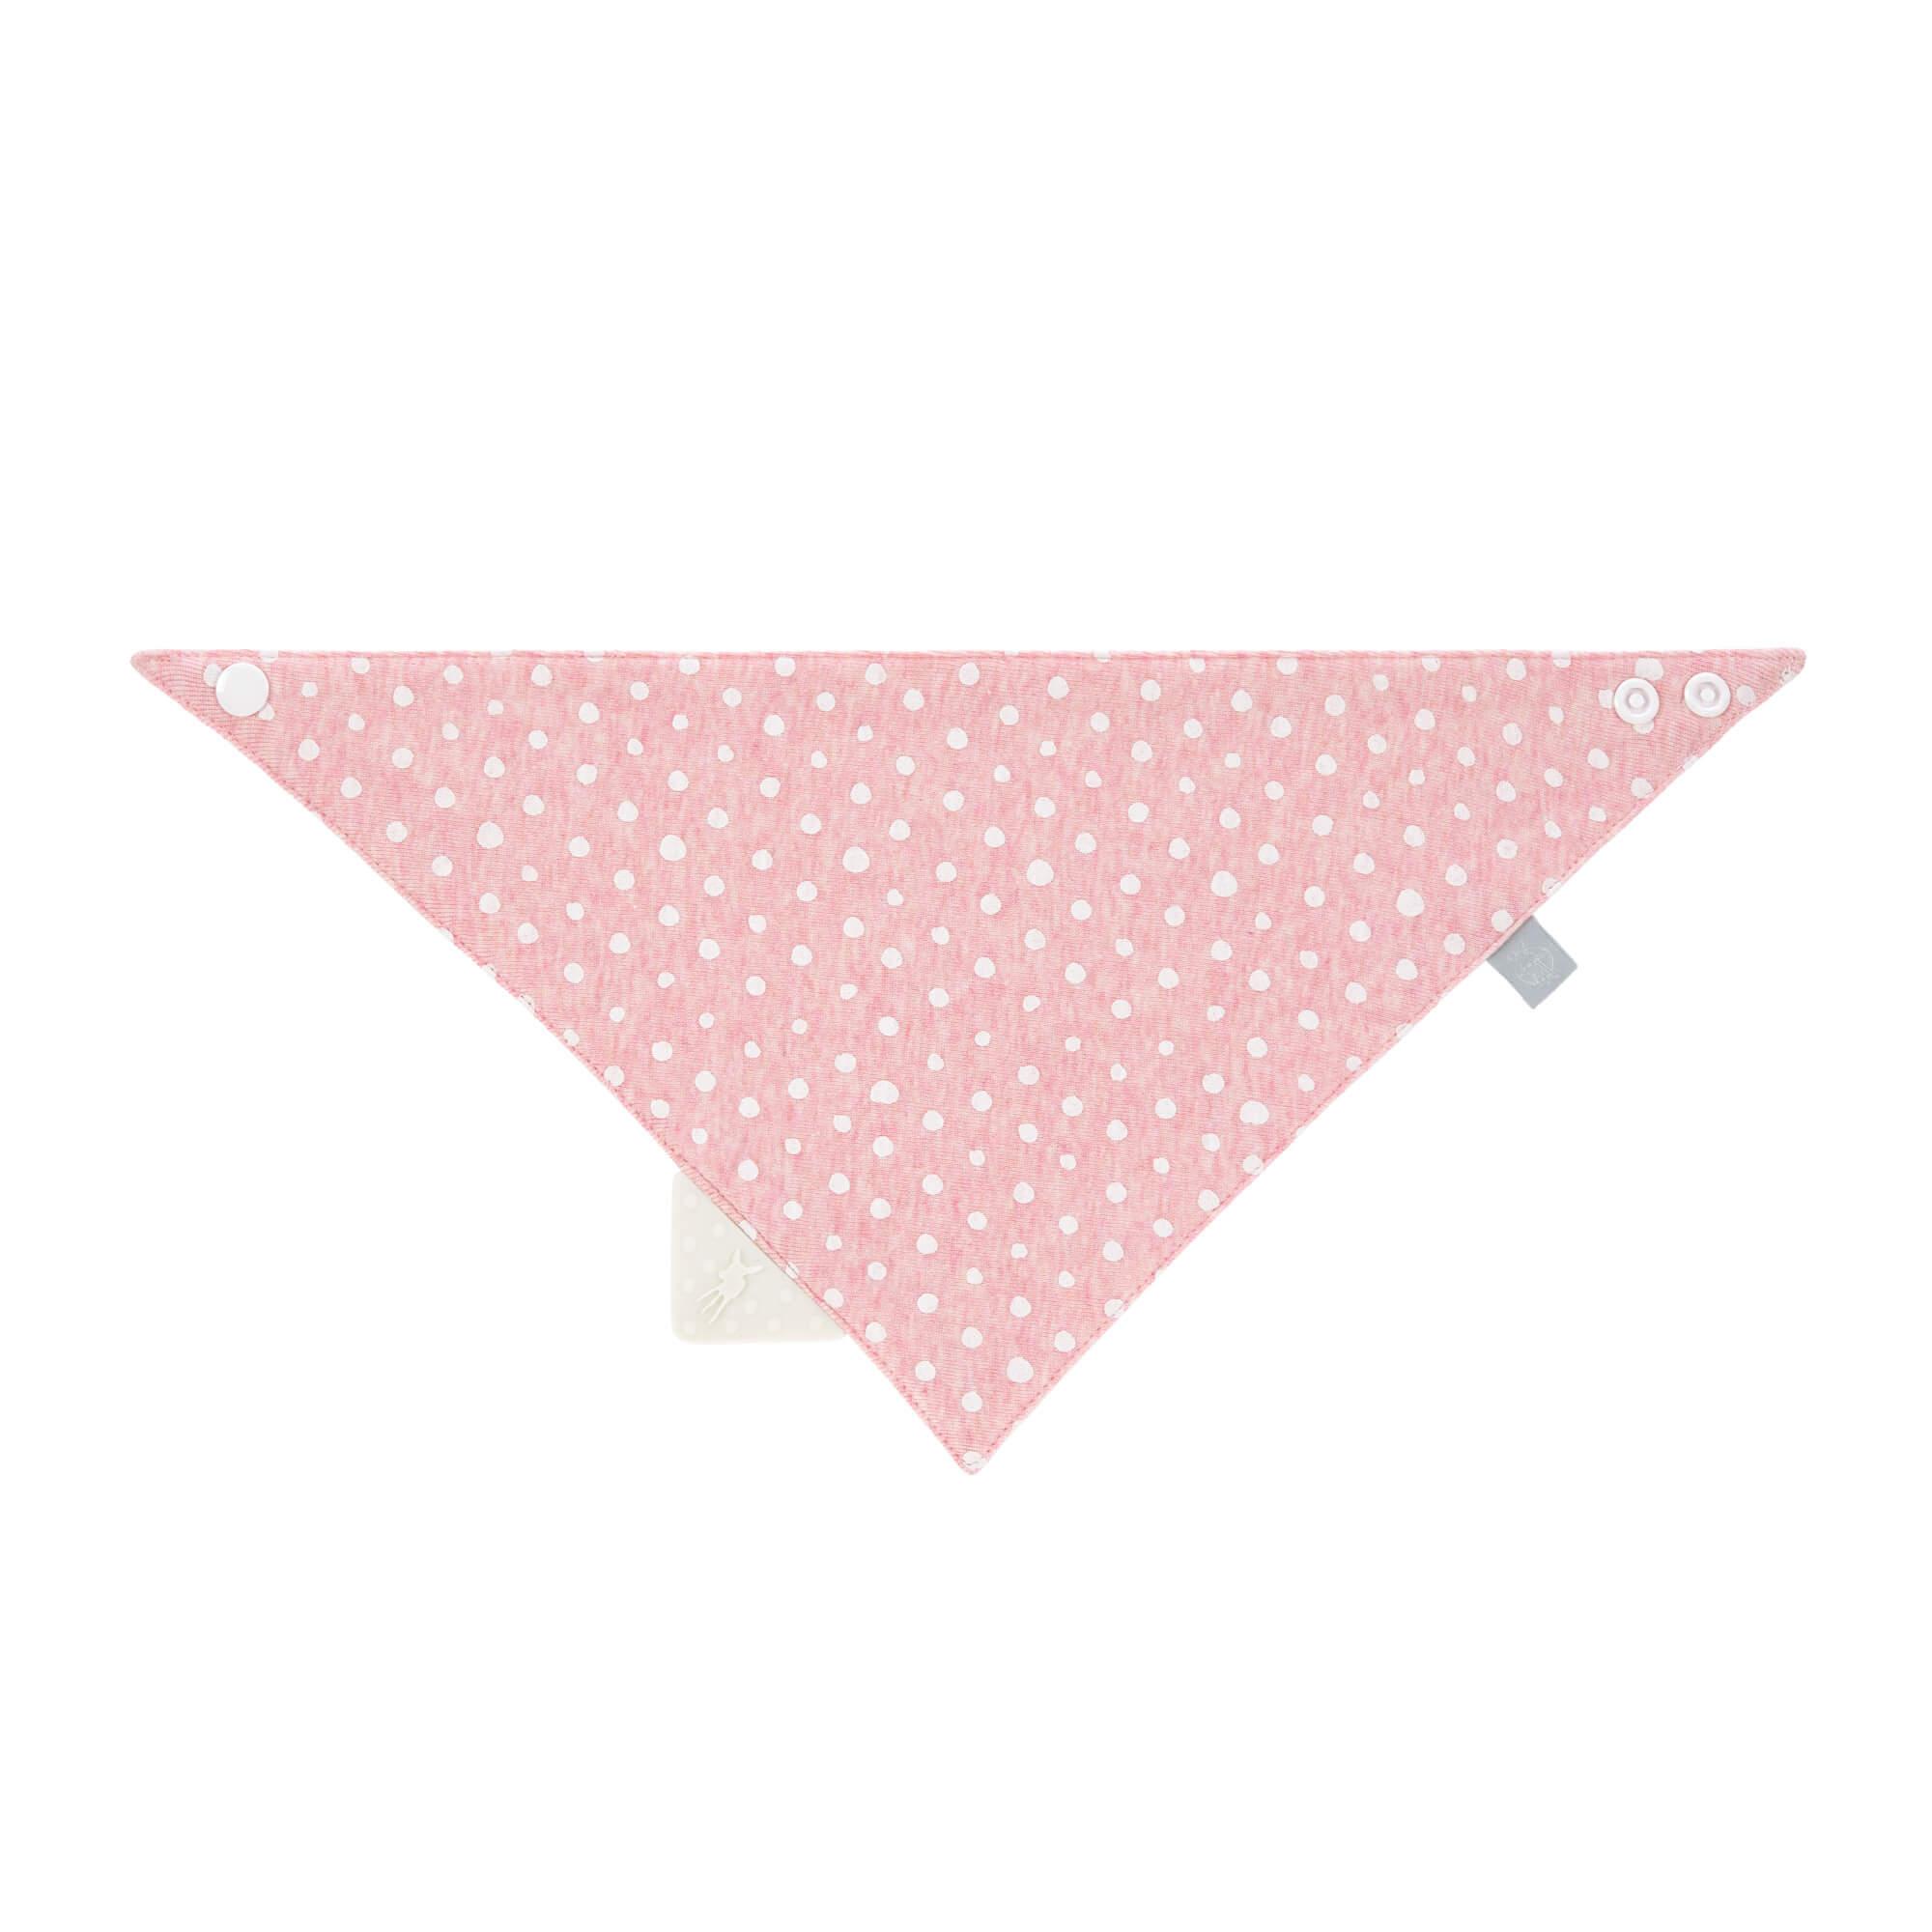 Dreieckstuch Baby mit Beißhilfe - Lela Light Pink - Lässig